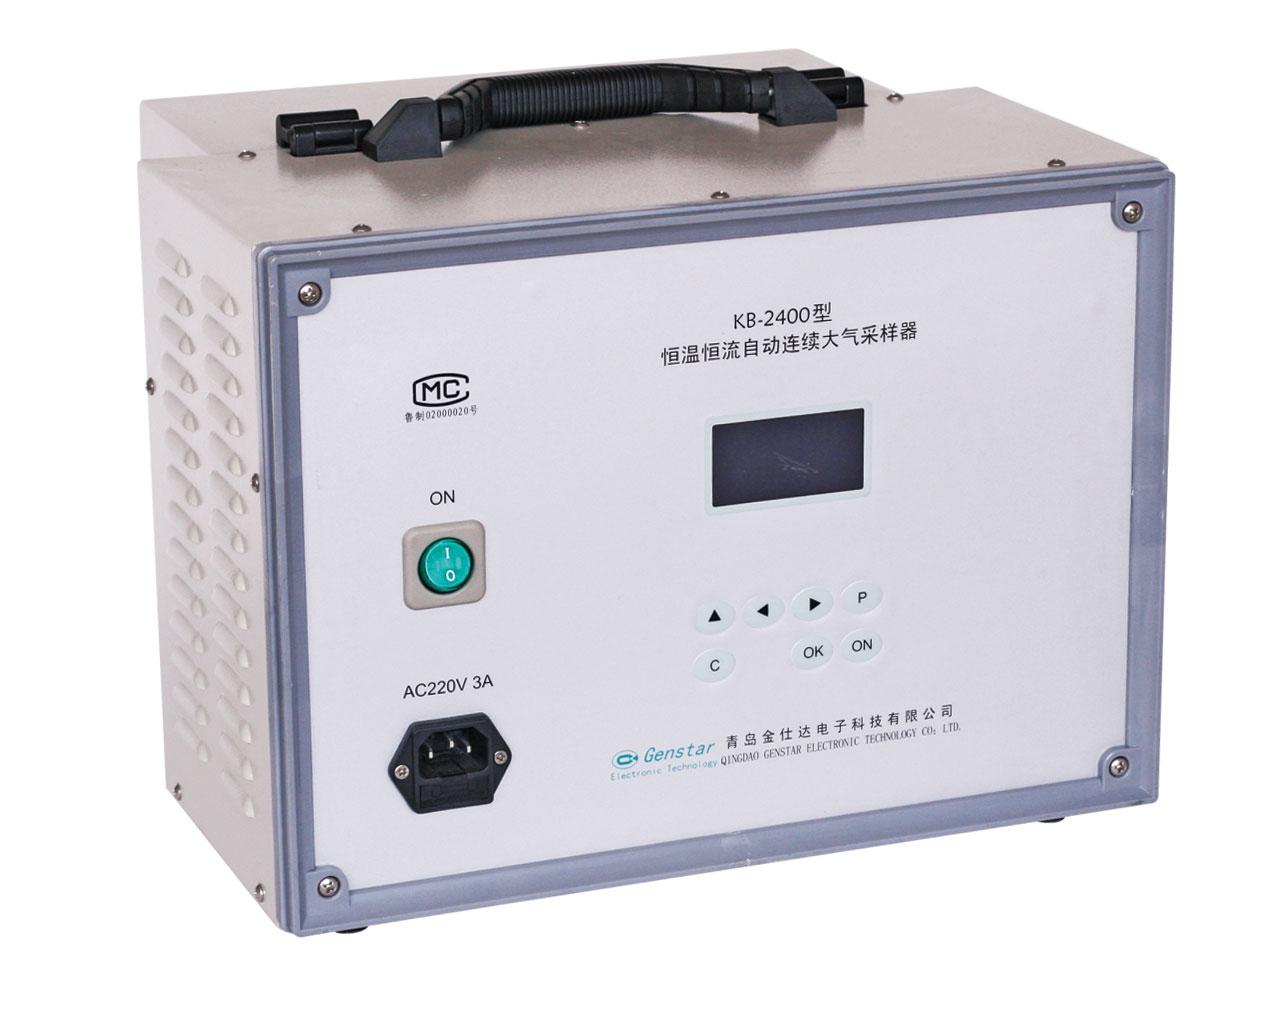 KB-2400(A)型恒溫恒流自動連續大氣采樣器